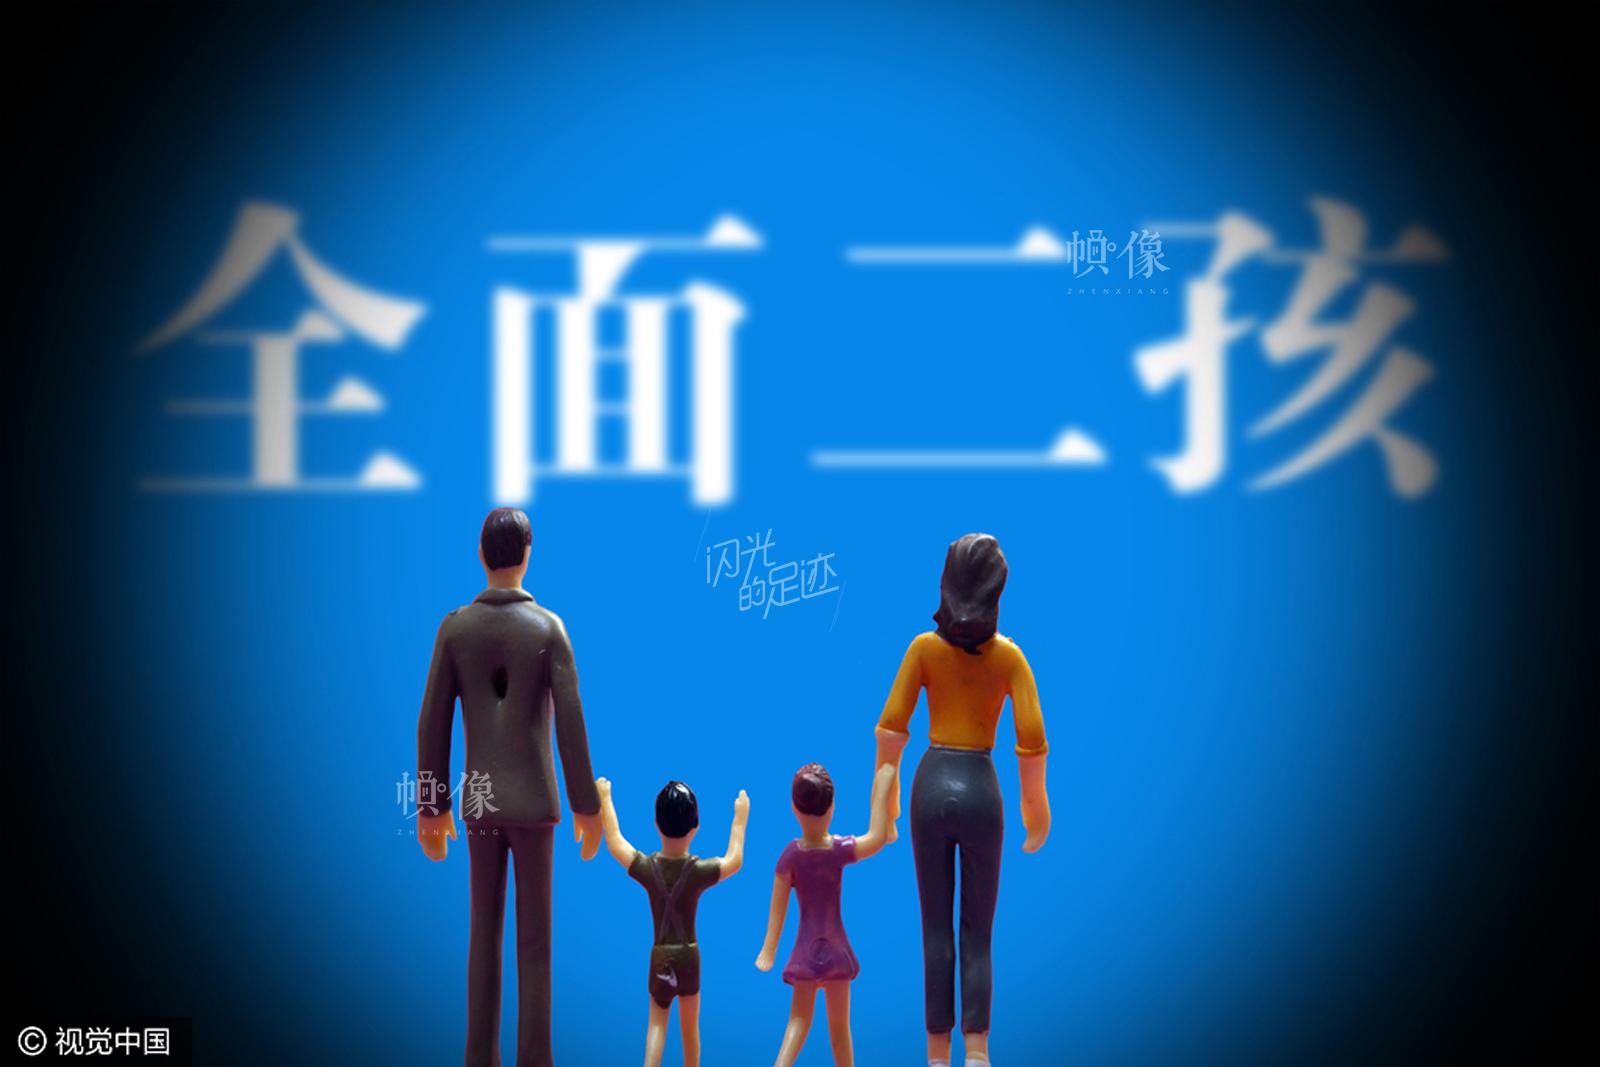 2015年12月27日,全国人大常委会表决通过了人口与计划生育法修正案,全面二孩于2016年1月1日起正式实施。 视觉中国